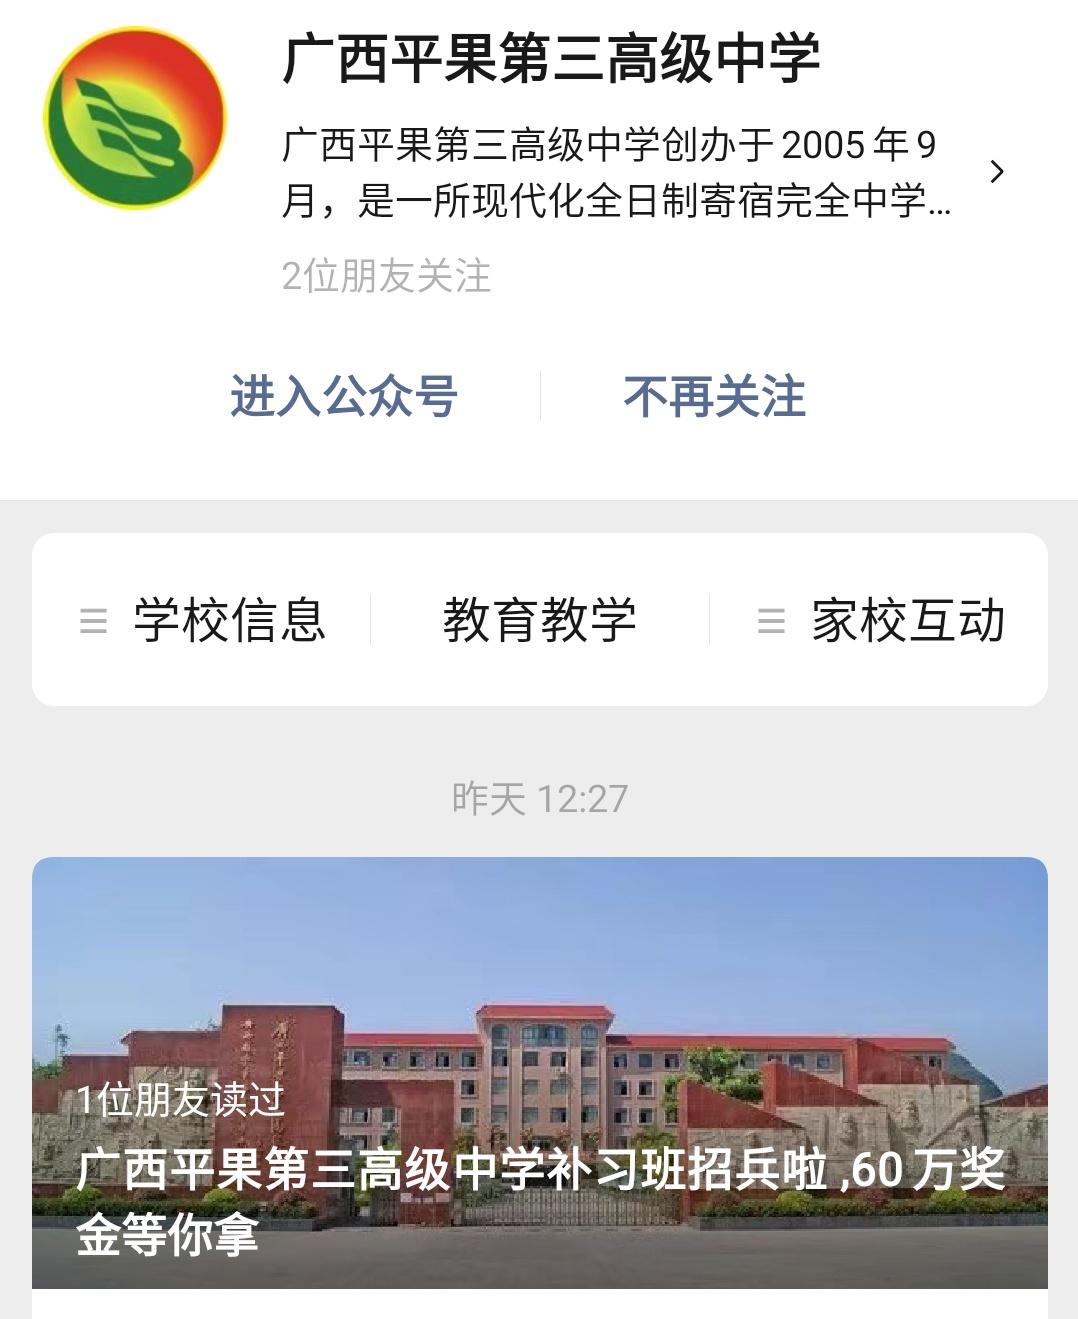 Screenshot_20200729-145704__01.jpg